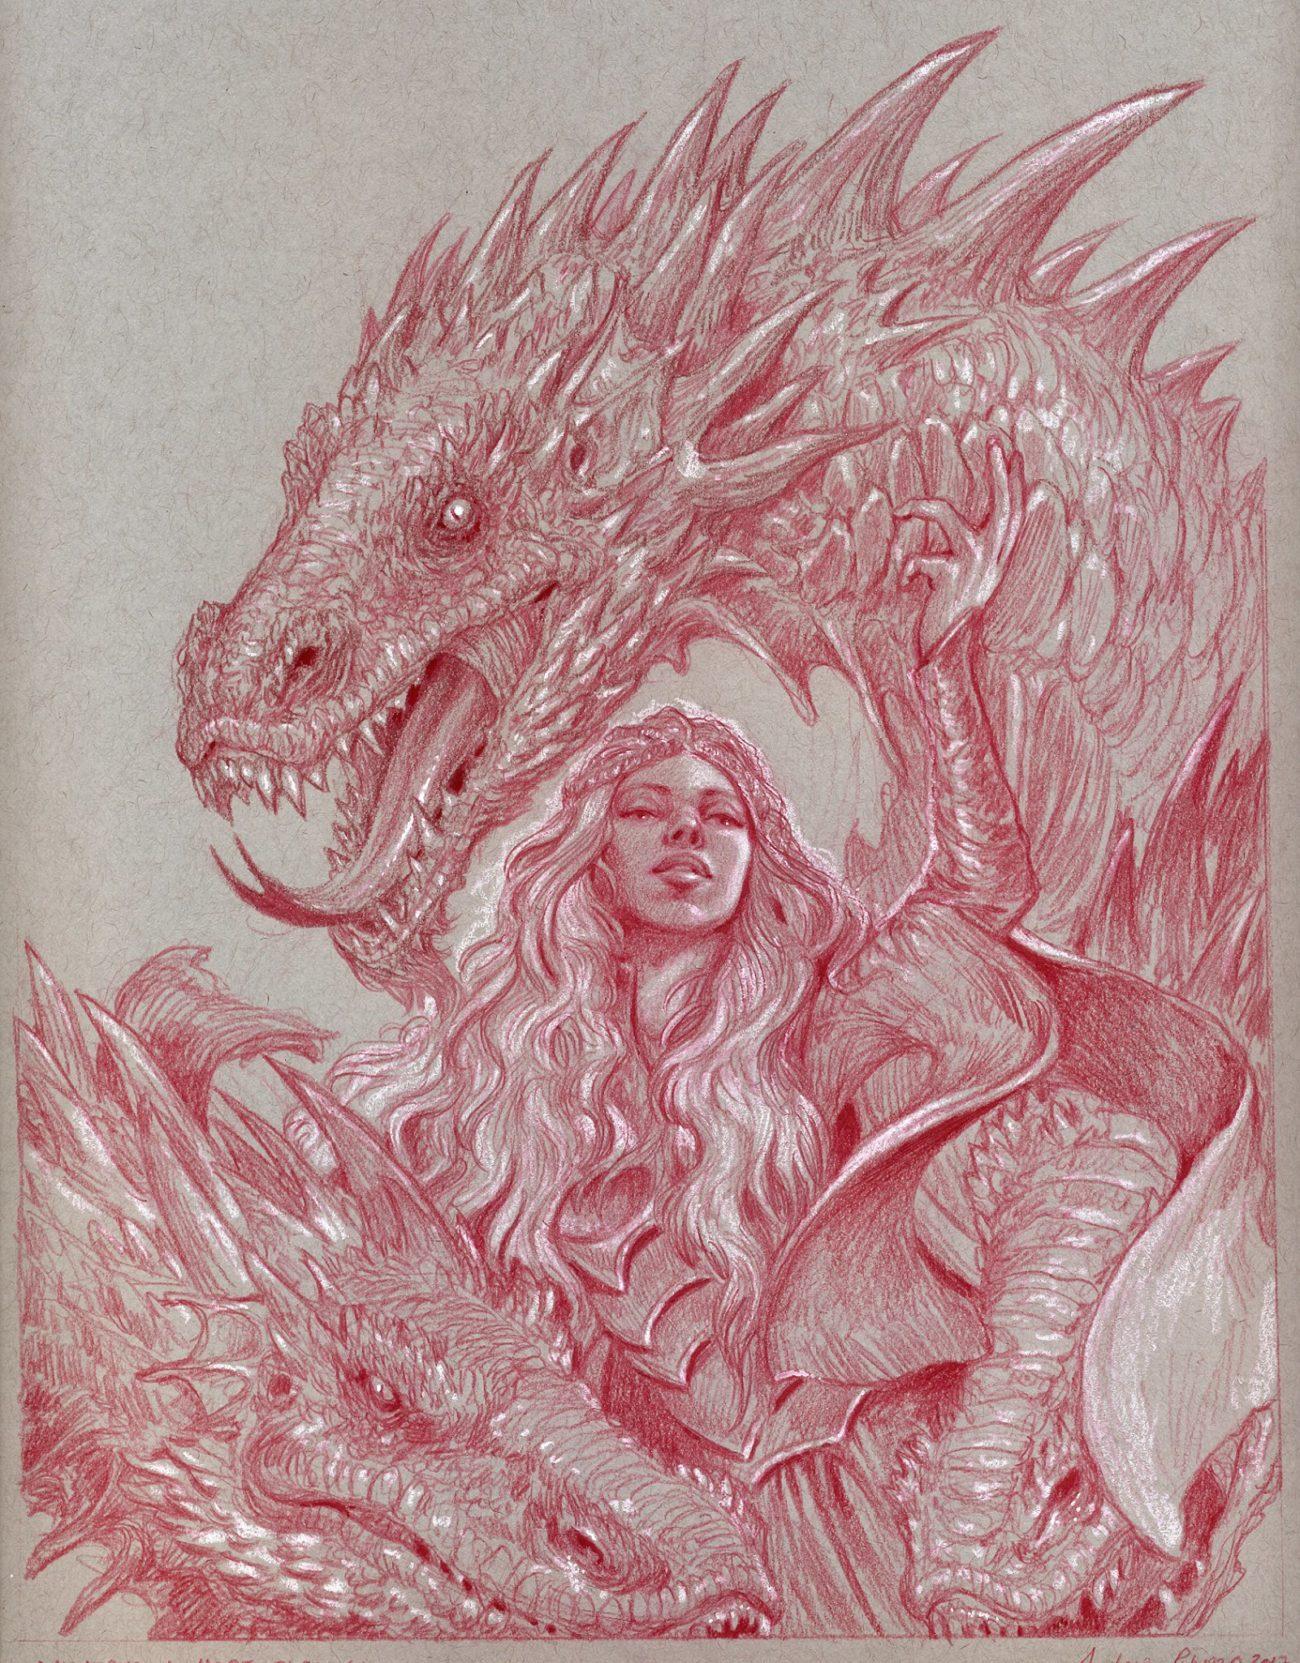 Daenerys Targaryen drago